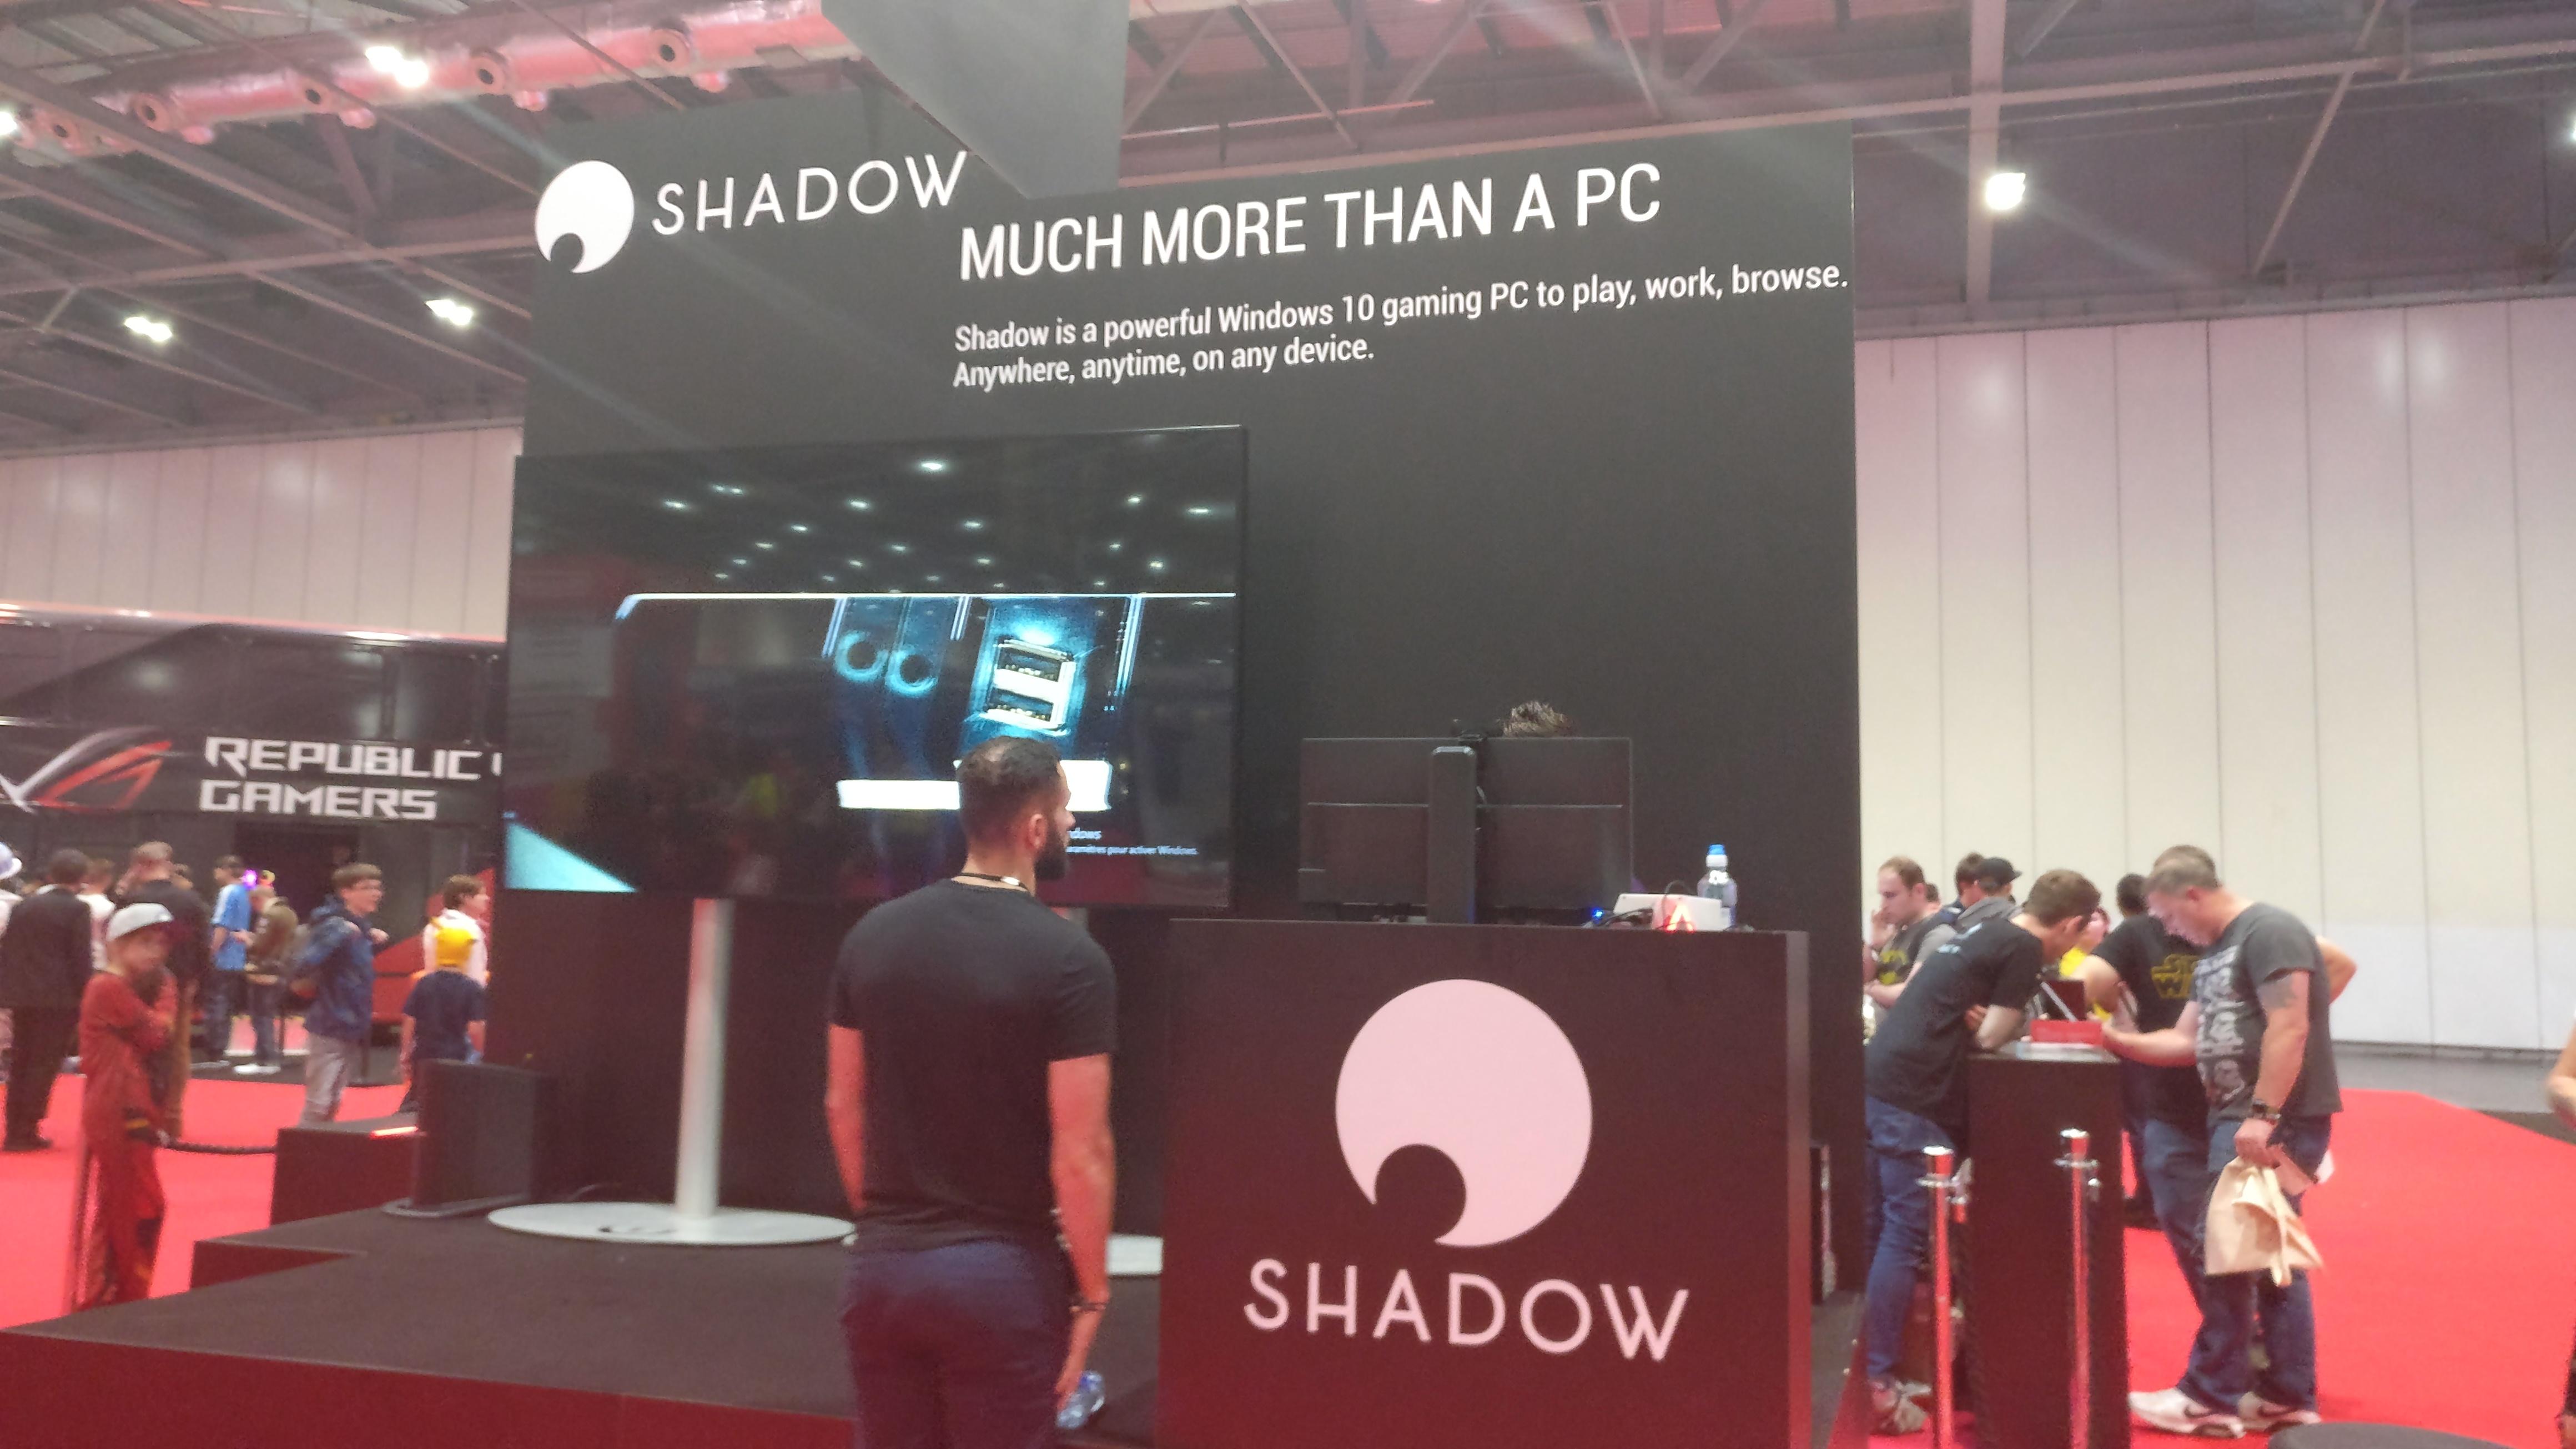 Shadow at MCM London 2018